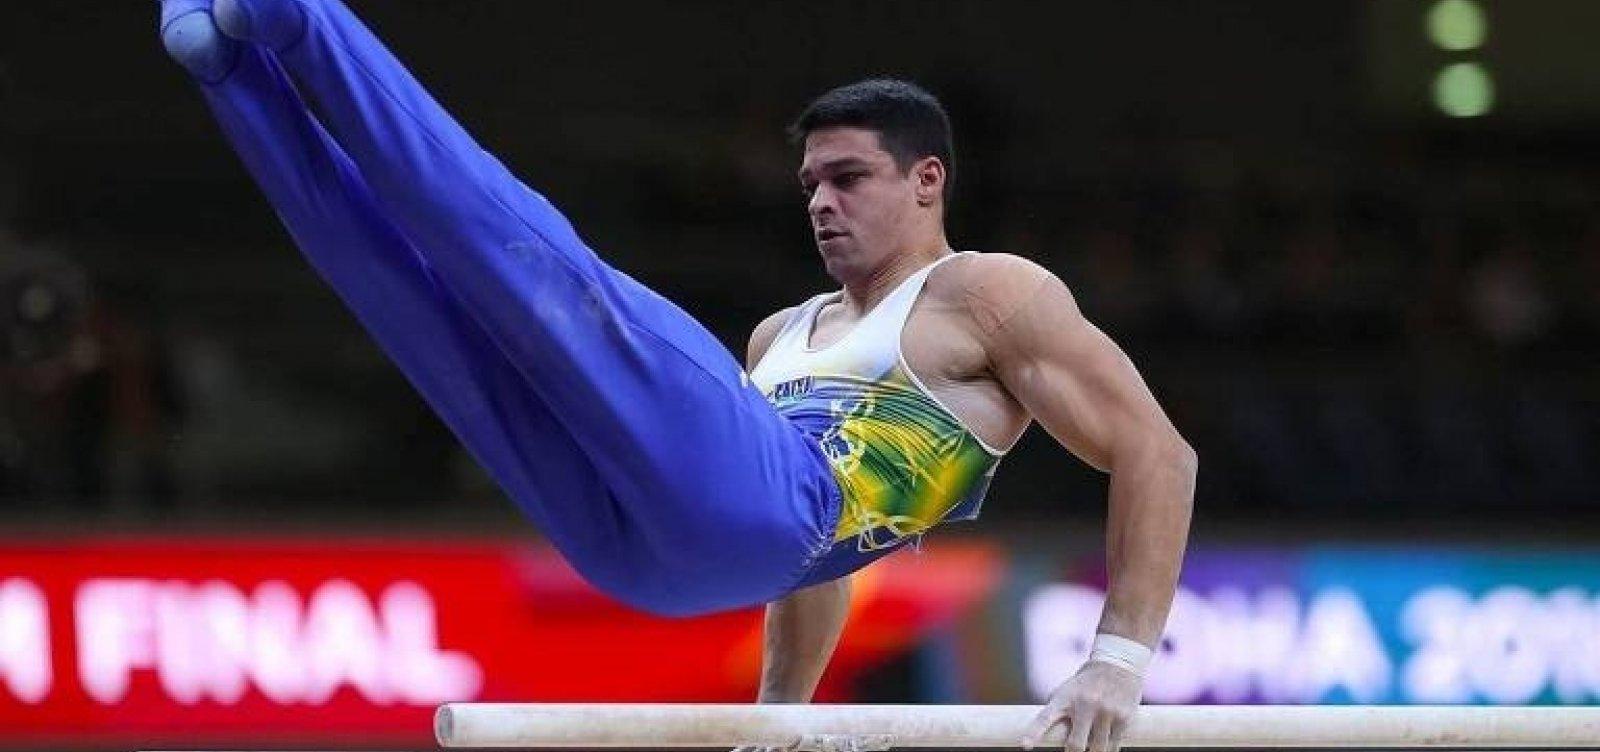 [Com falhas, equipe brasileira termina em sétimo no Mundial de ginástica artística]